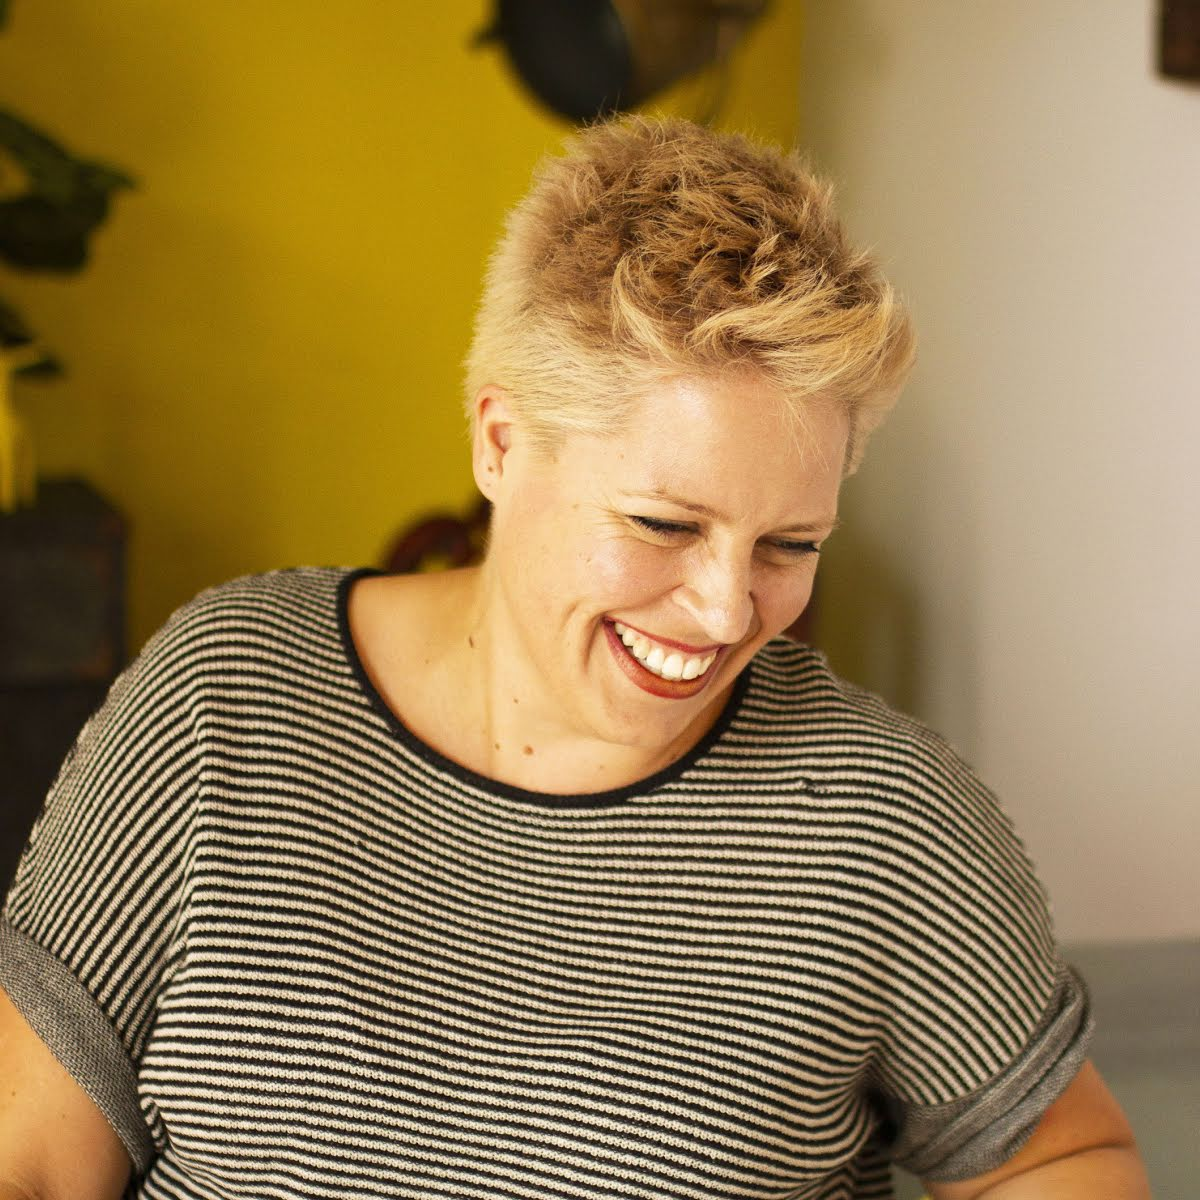 Lisa Hinwood